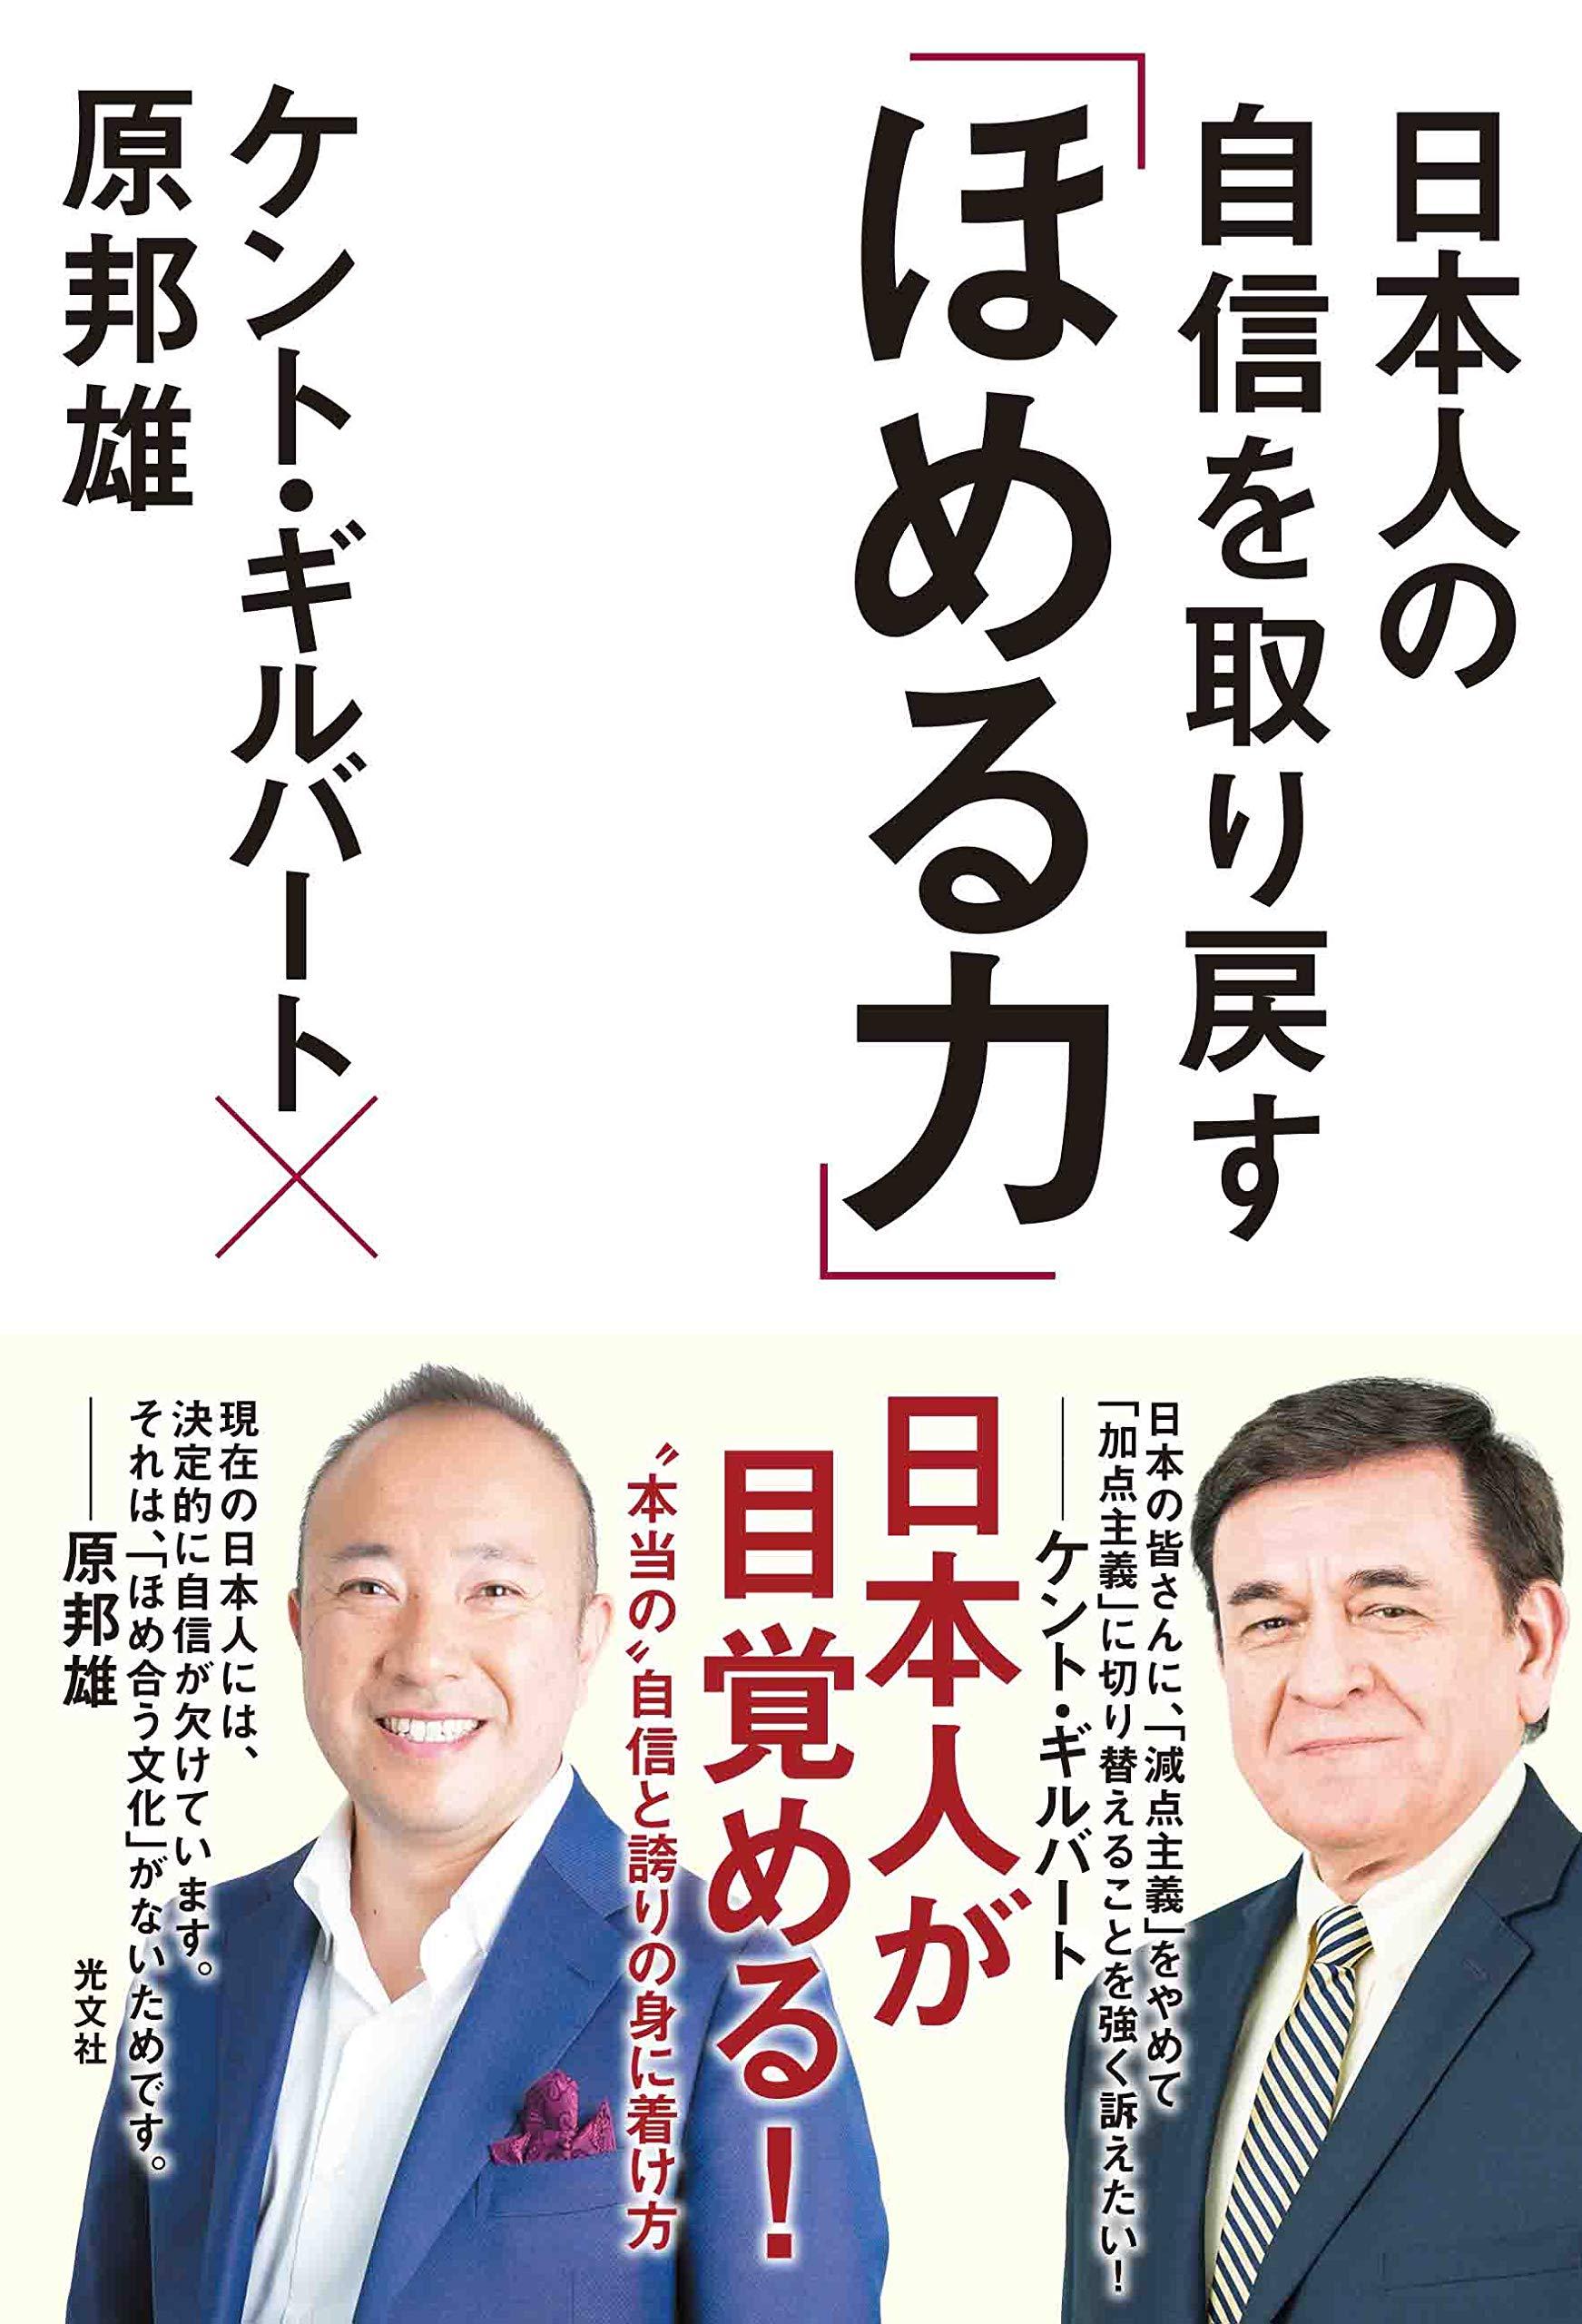 日本人の自信を取り戻す「ほめる力」